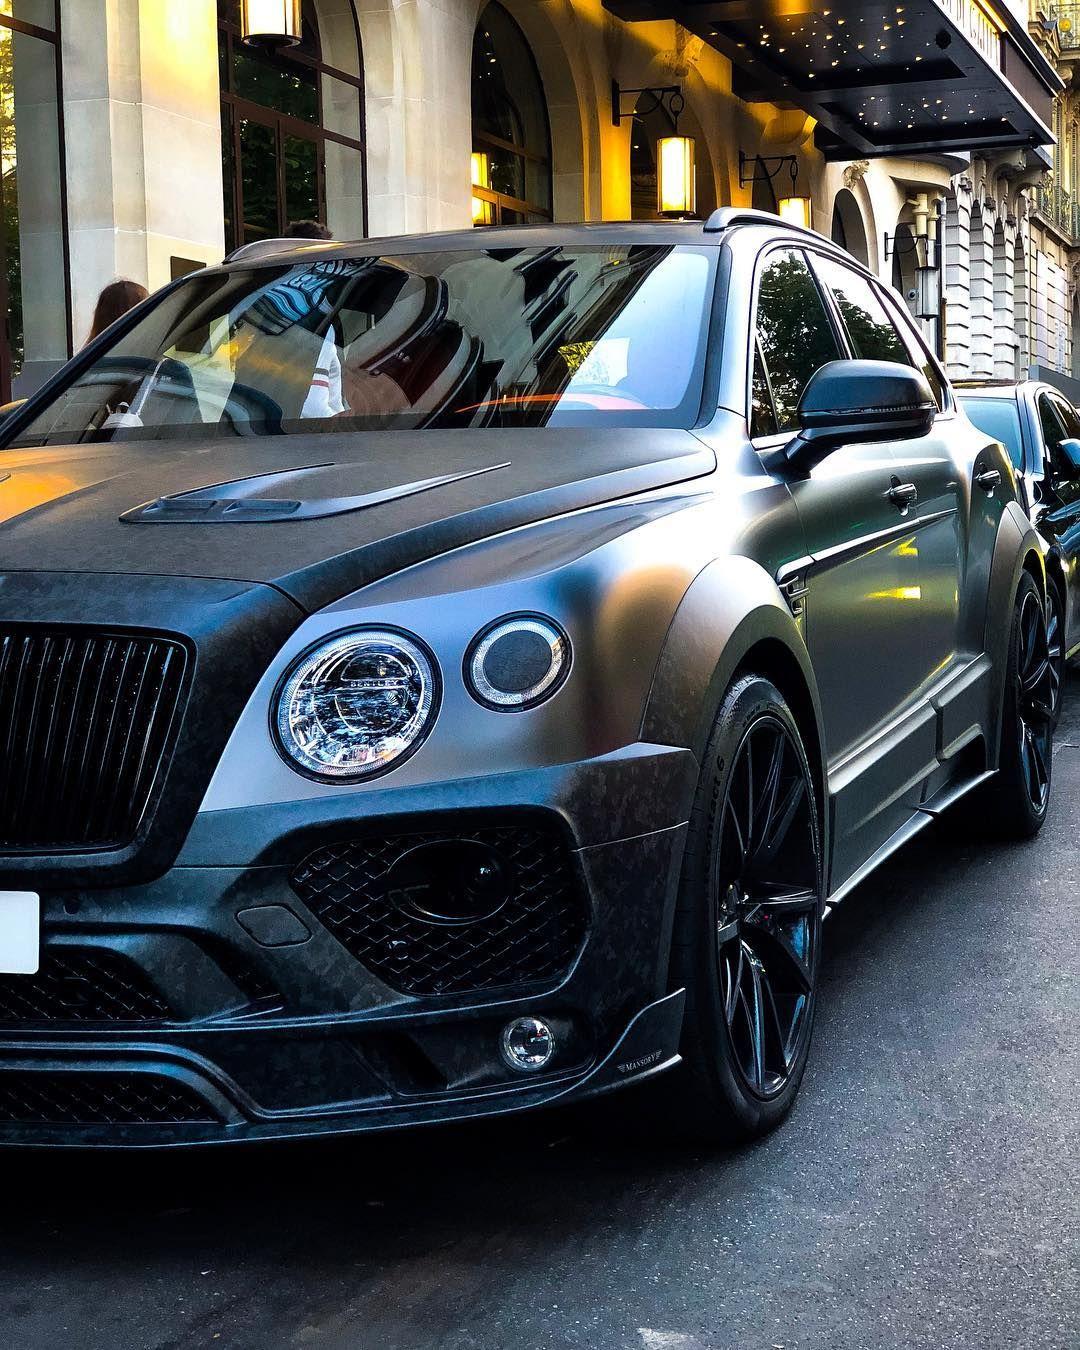 Cars Bentley Suv Luxury Cars: ️Mansory ️ @bentleymotors @bentleymonaco @bentley